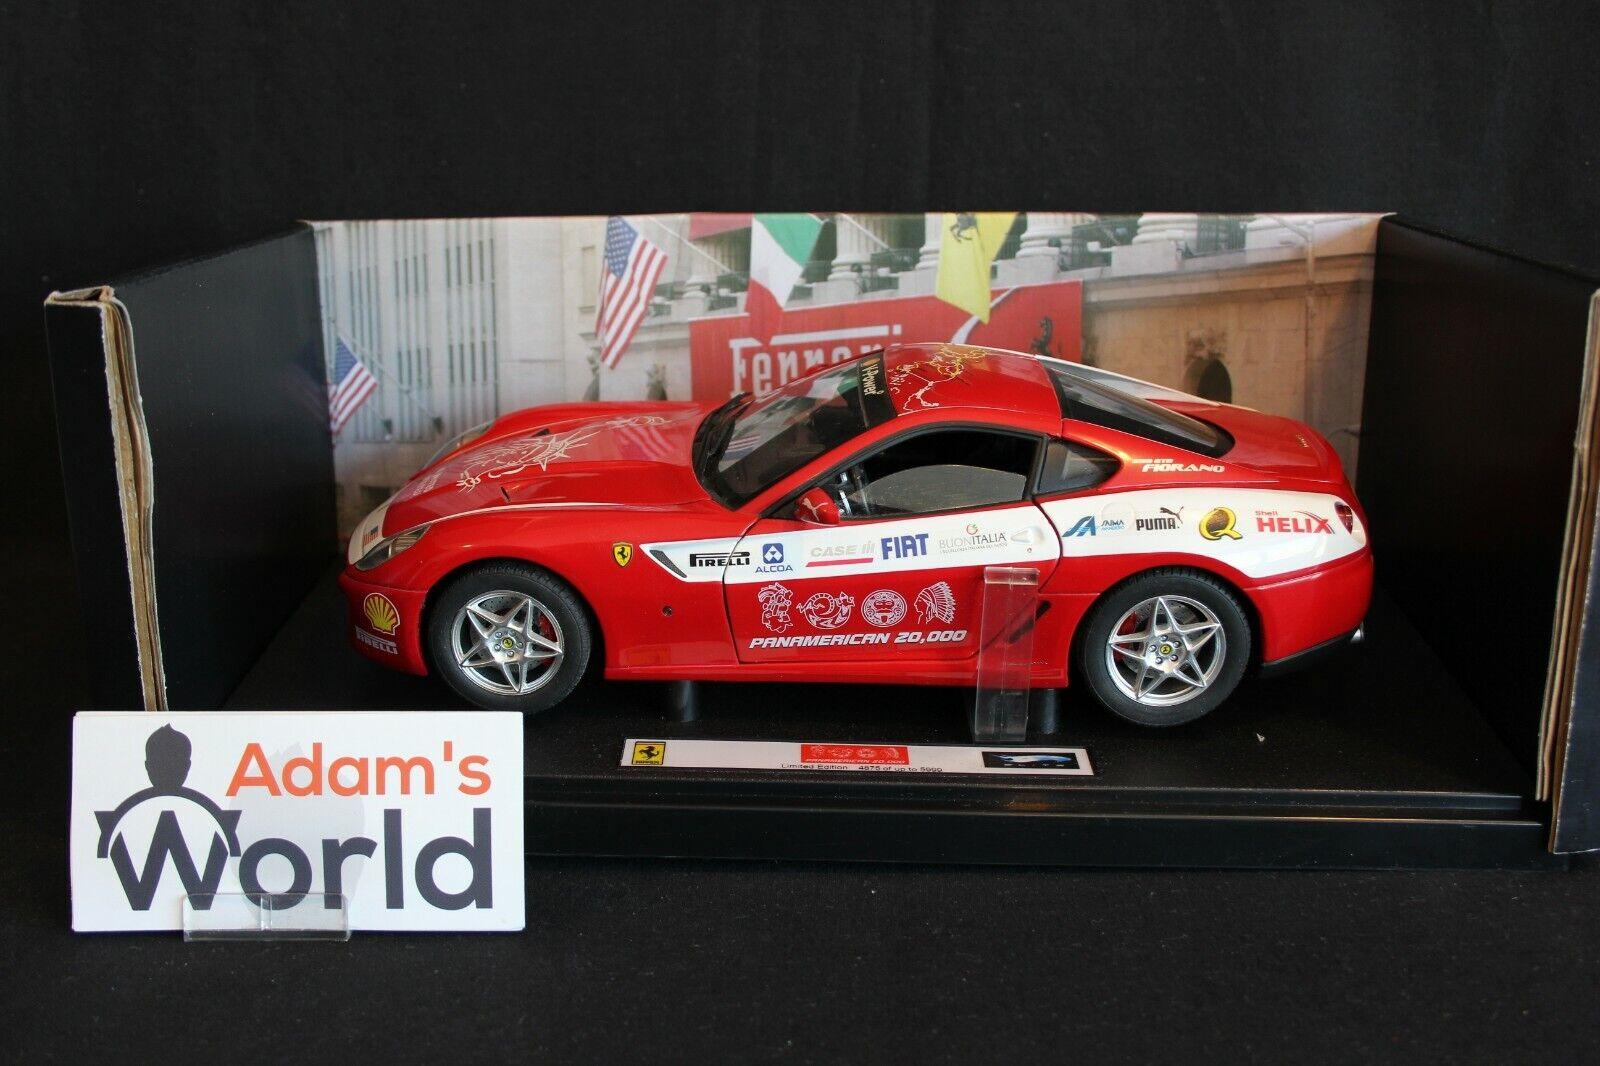 vieni a scegliere il tuo stile sportivo Caliente Ruedas Elite Ferrari 599 599 599 GTB Fiorano 1 18 rosso  Panamerican 20.000  (PJBB)  economico in alta qualità